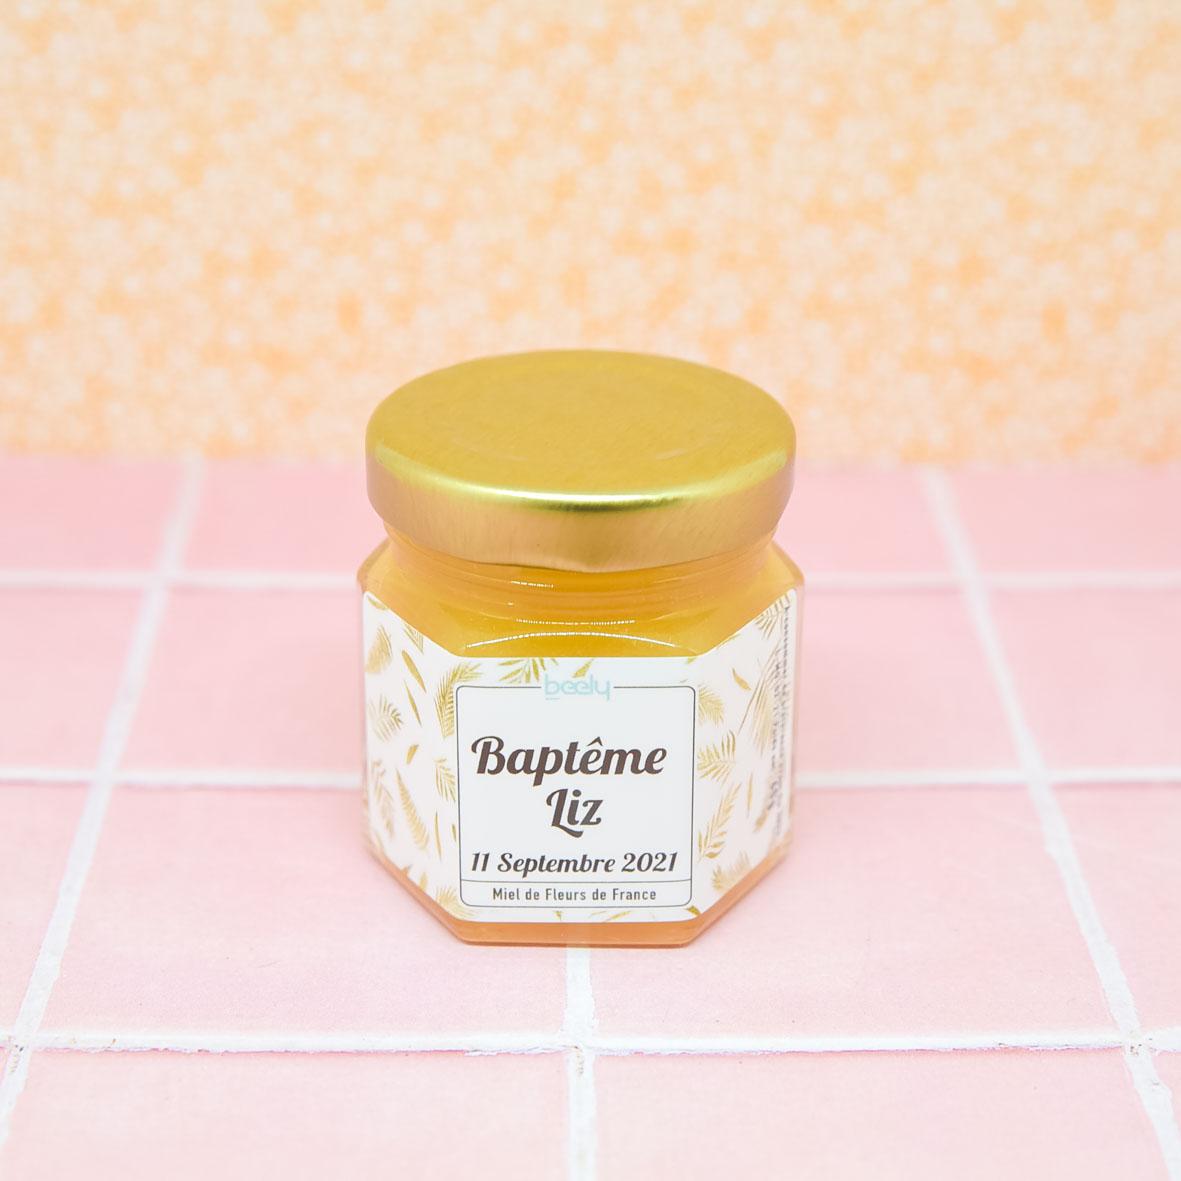 petit pot de miel pour invité bapteme